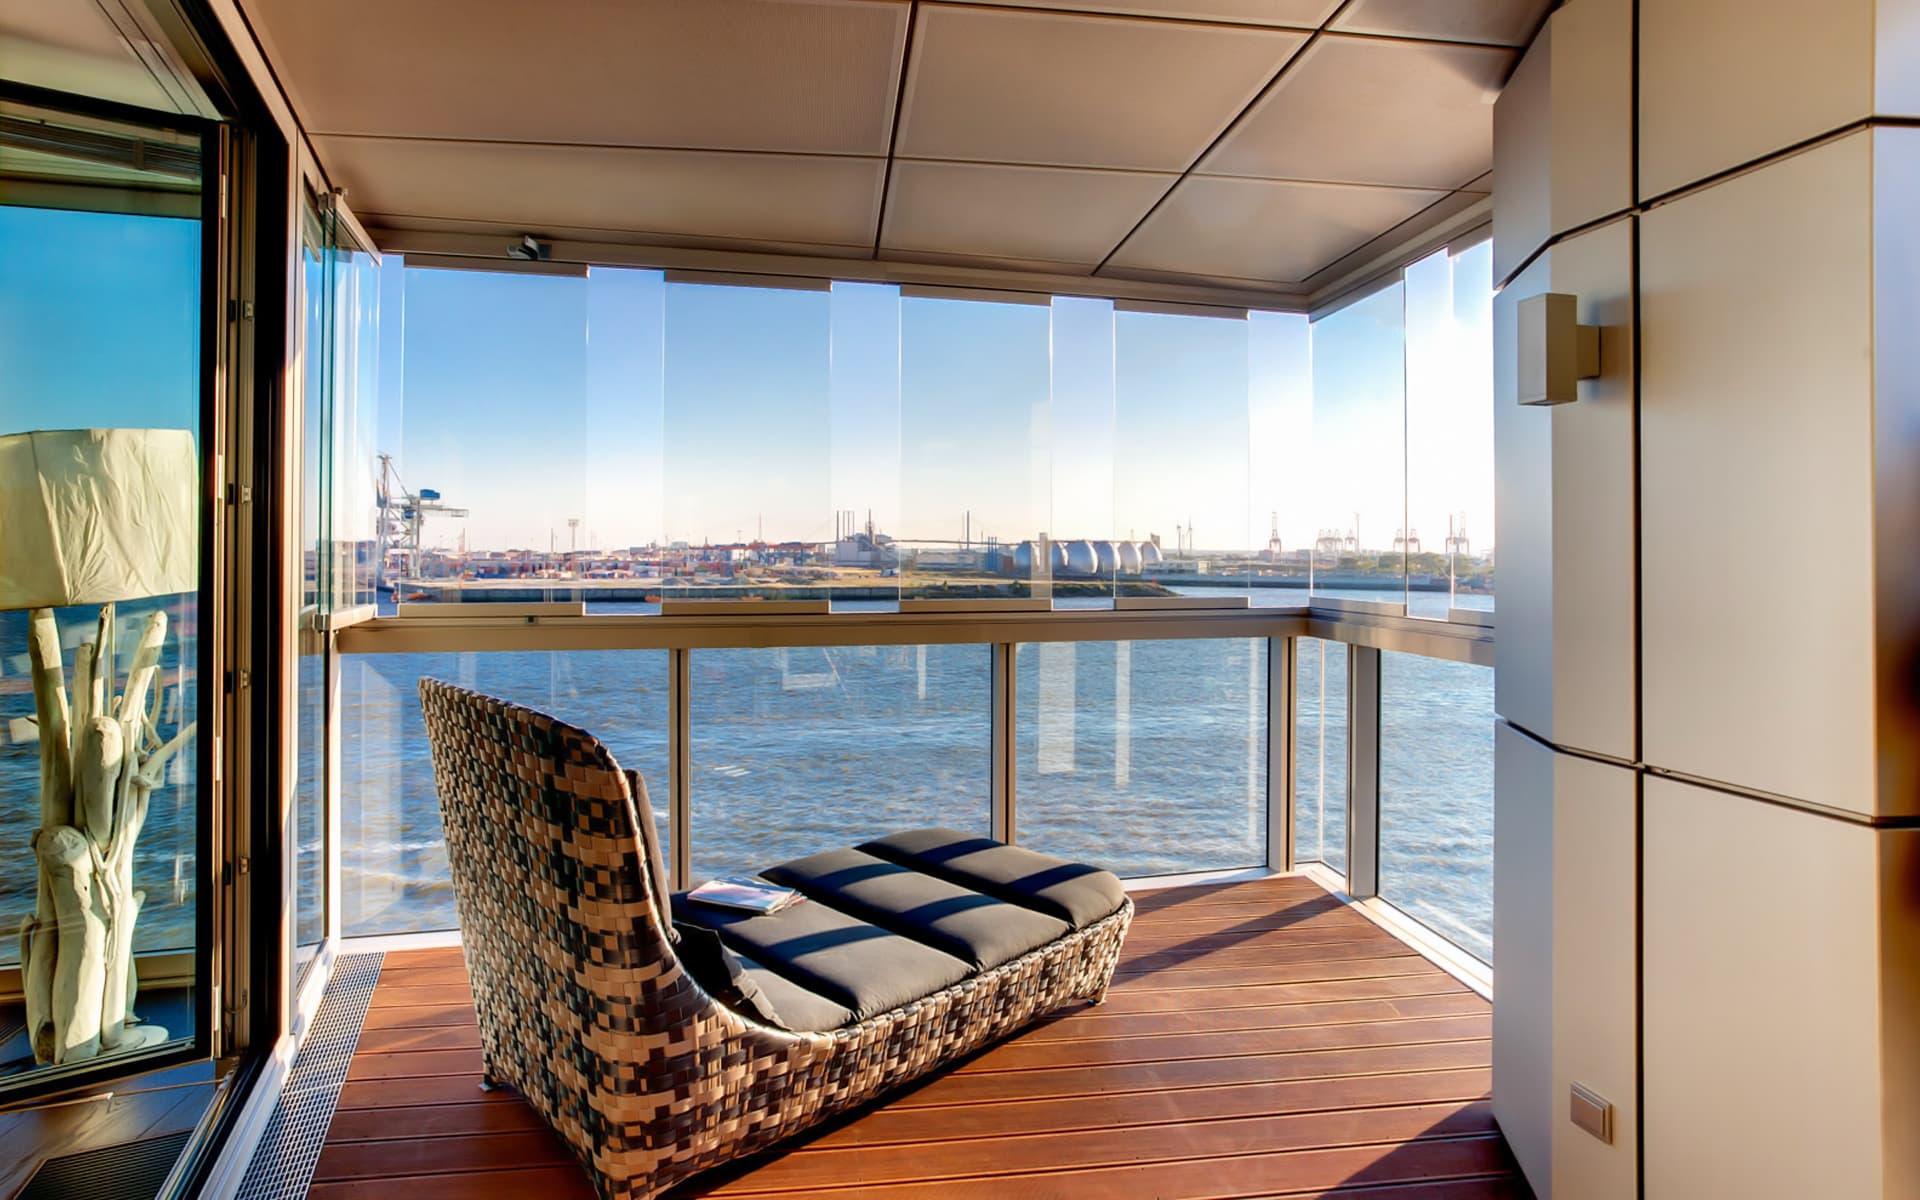 Balkonverglasungen sorgen für perfekte Sicht